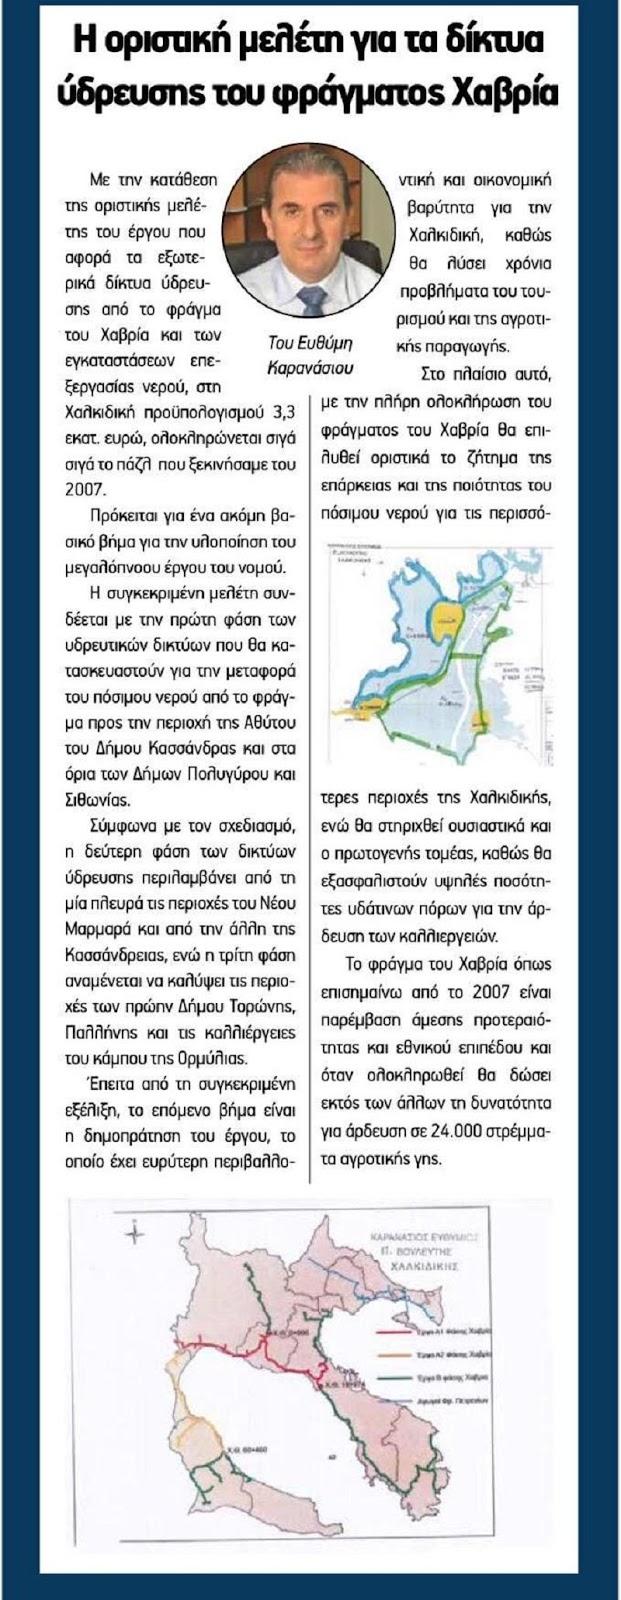 Ευθύμης Καρανάσιος: Η οριστική μελέτη για τα δίκτυα ύδρευσης του φράγματος Χαβρία